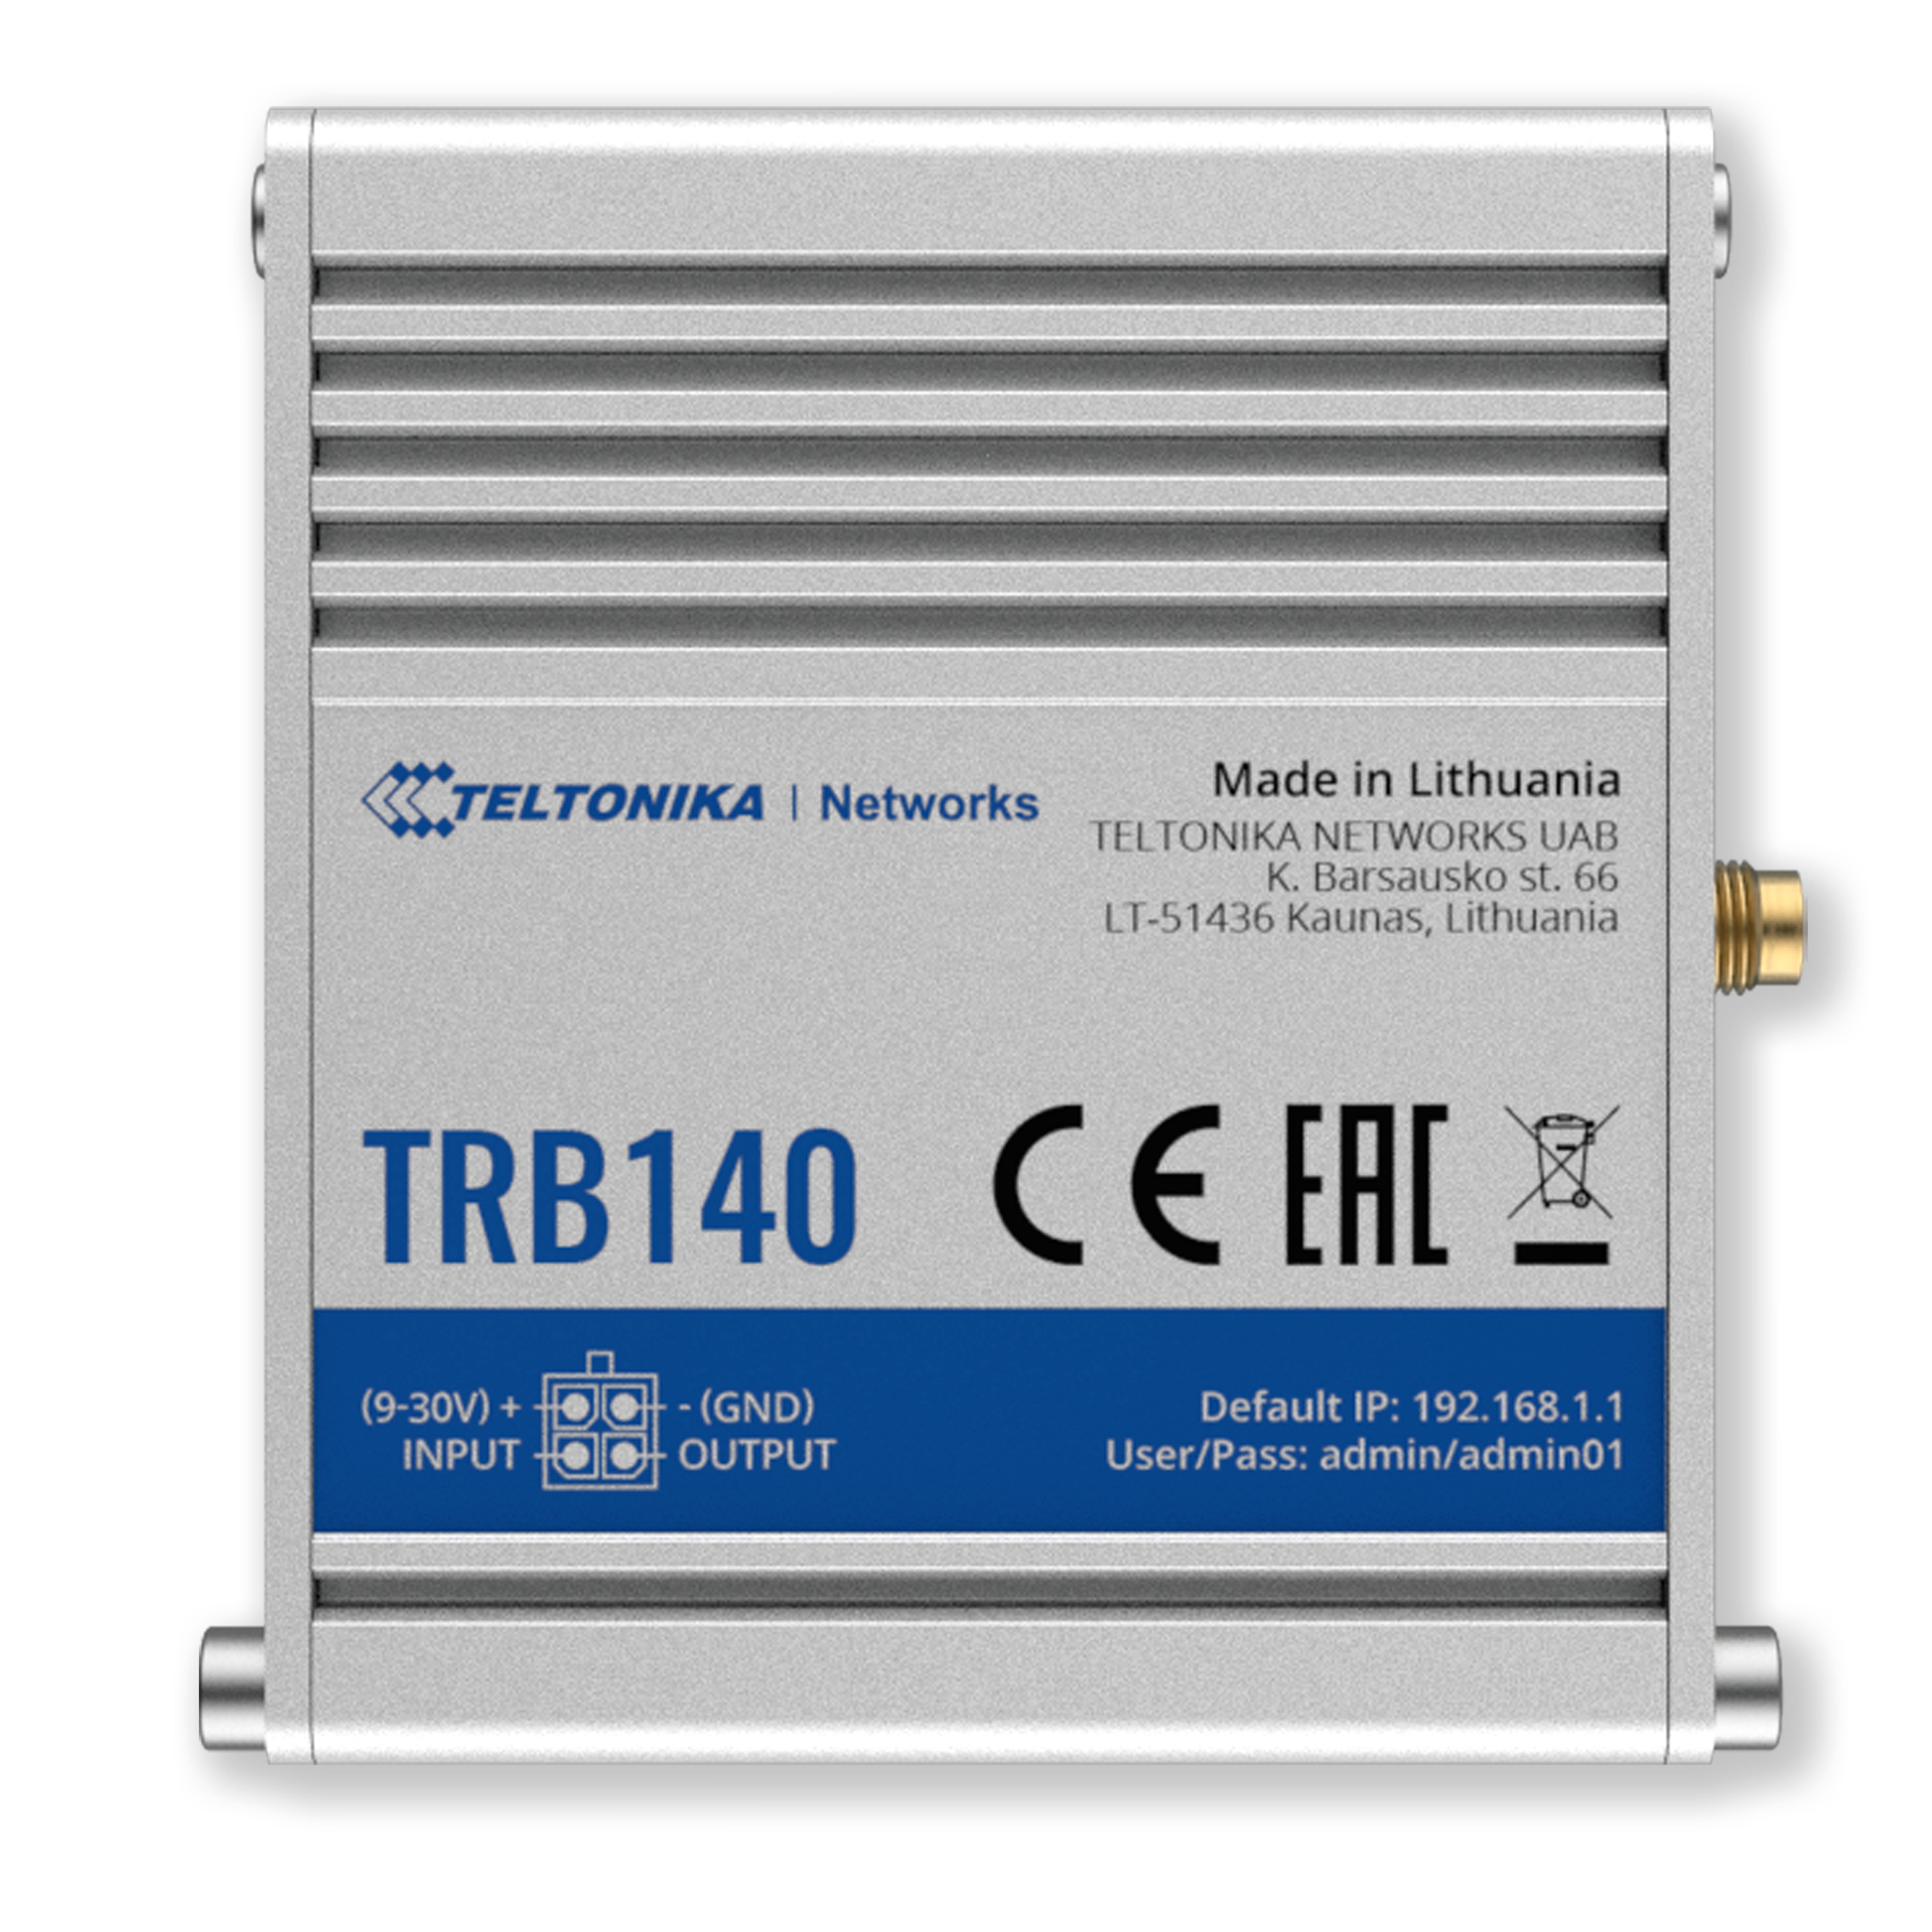 TRB140